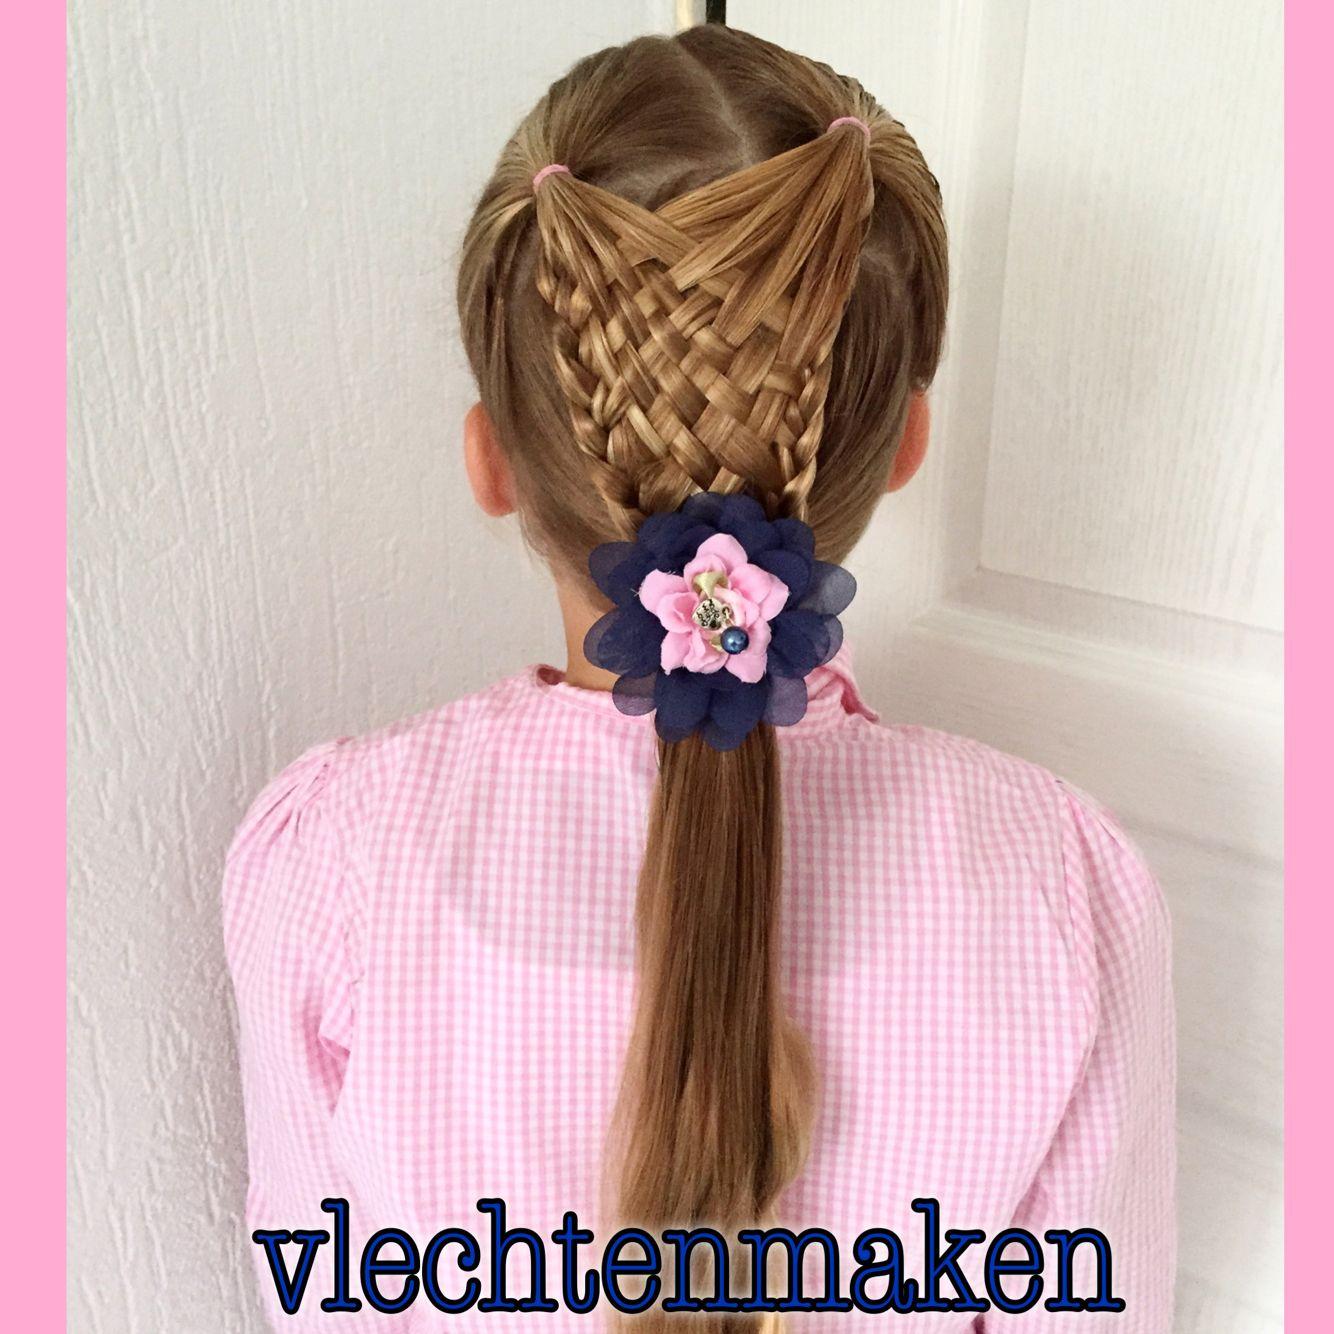 Pin lisääjältä margareth rodríguezcure taulussa cute girl hair